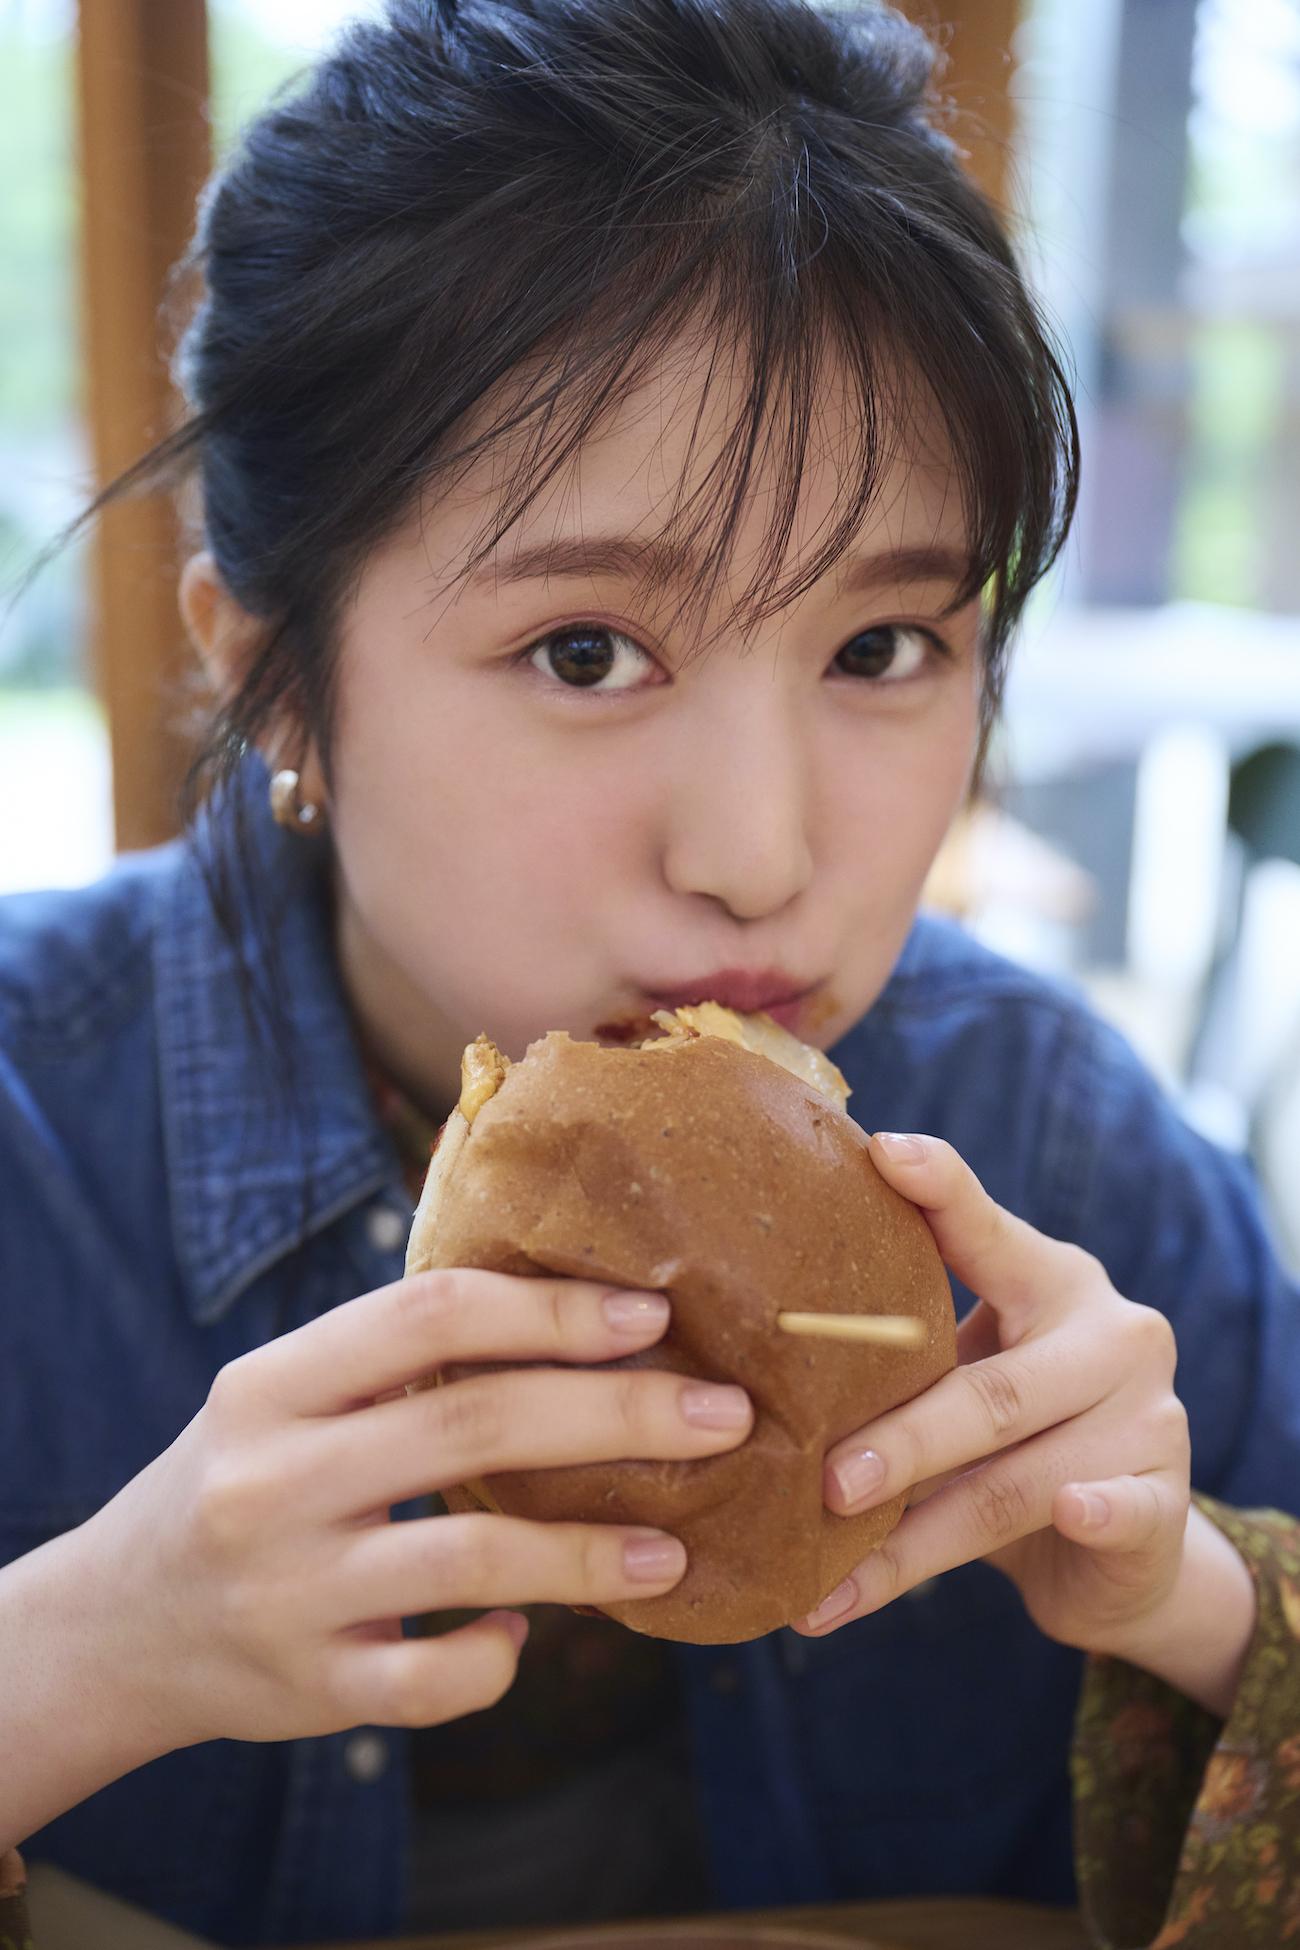 福本莉子(ふくもと りこ)女優